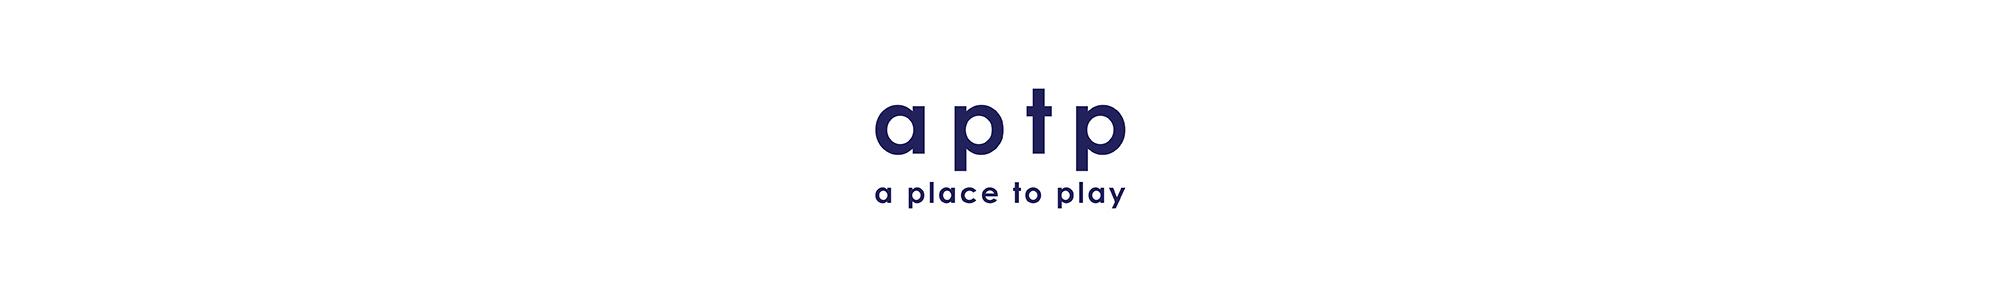 aptp books